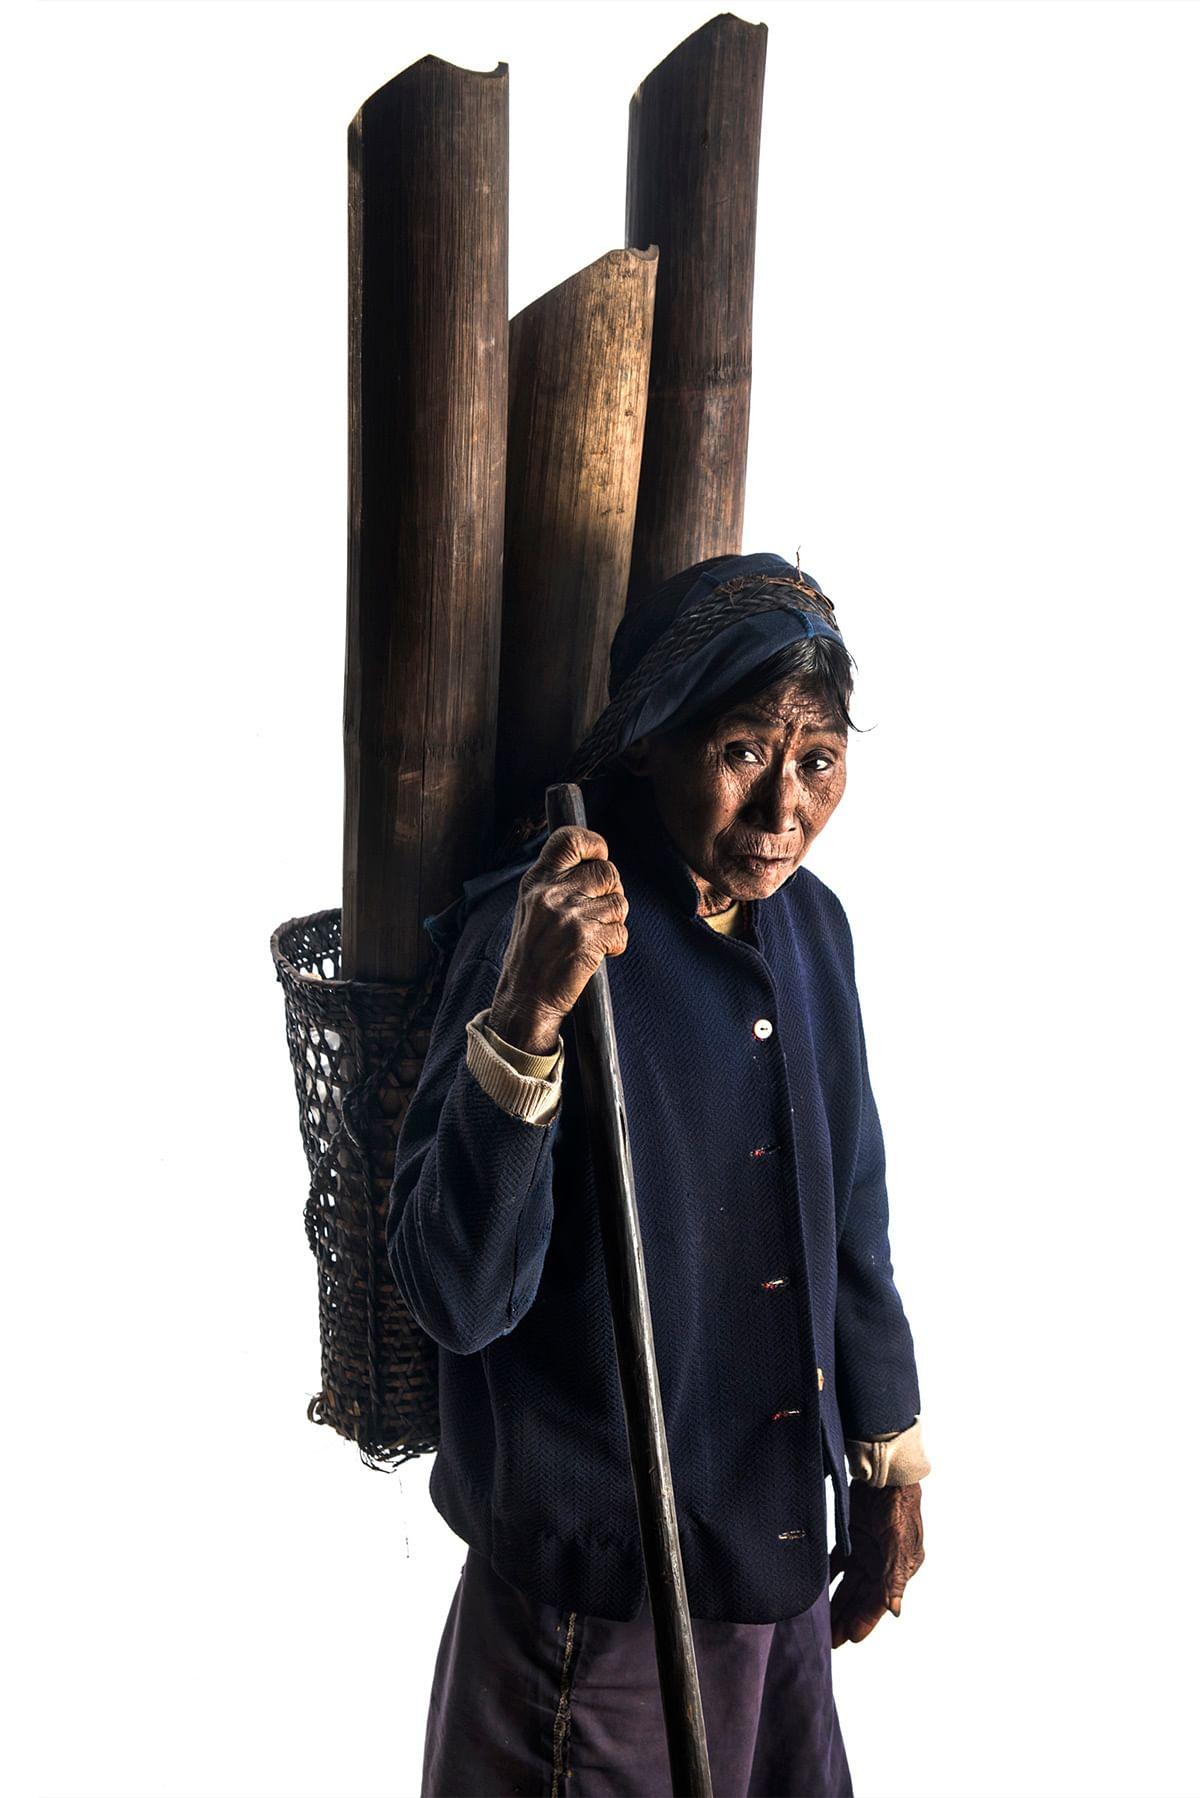 (Photo: Trupal Pandya)